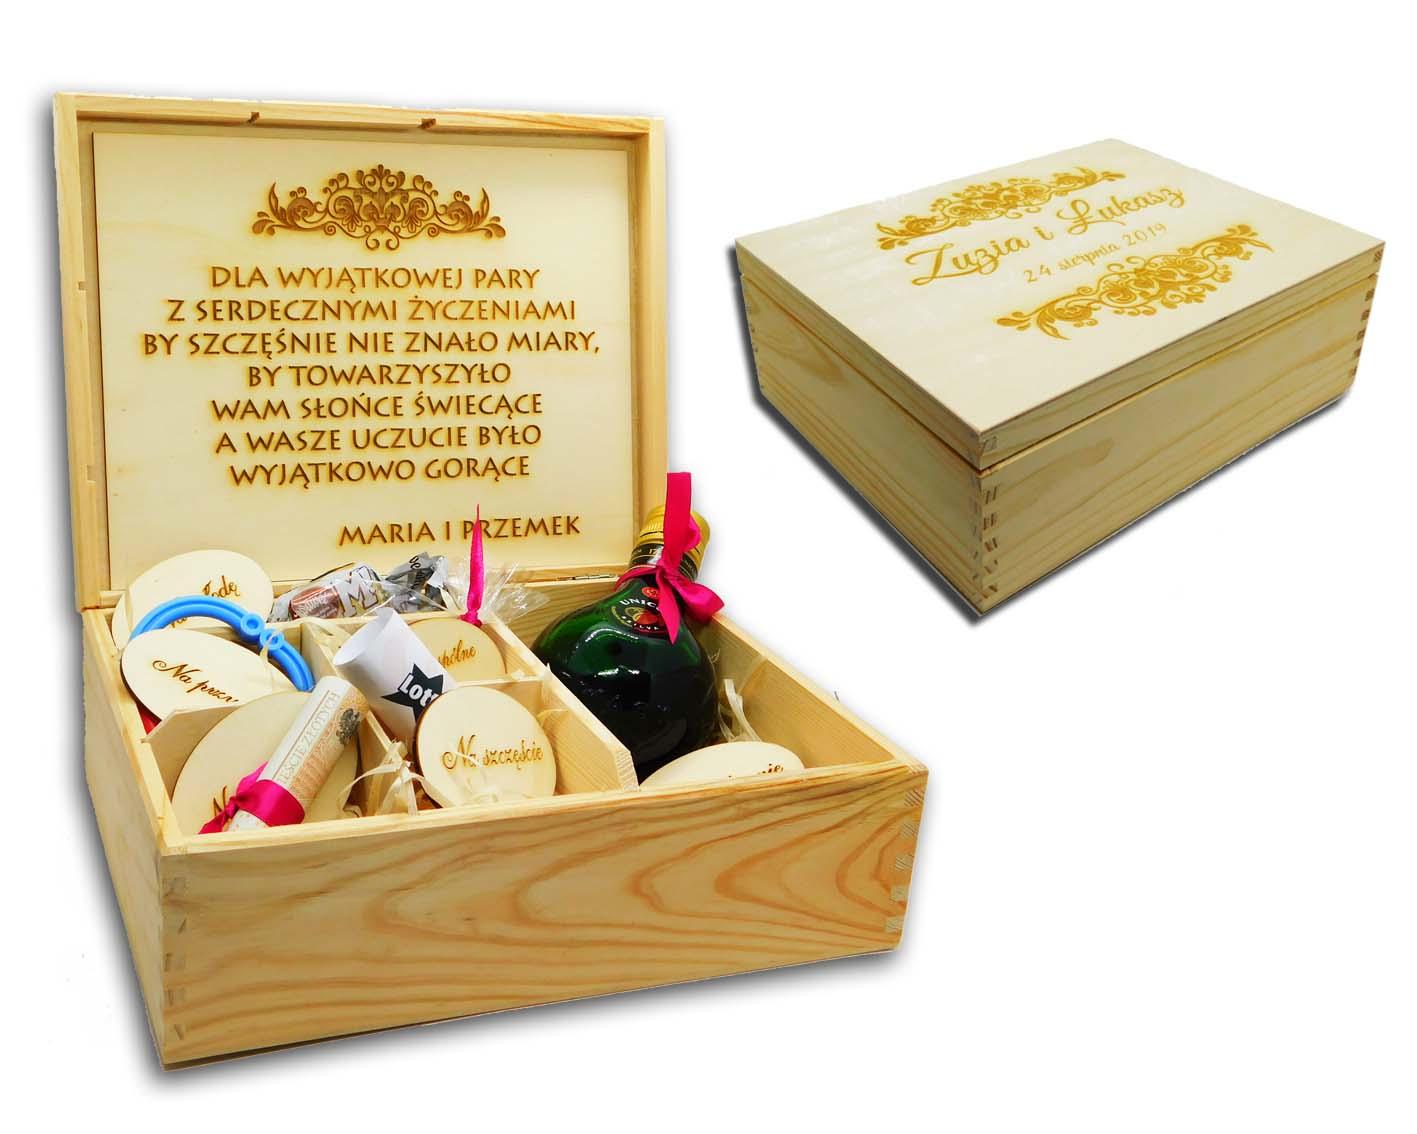 5809d01d2386b3 Duży NIEZBĘDNIK małżeński prezent ślubny - pudełko - Dekorak